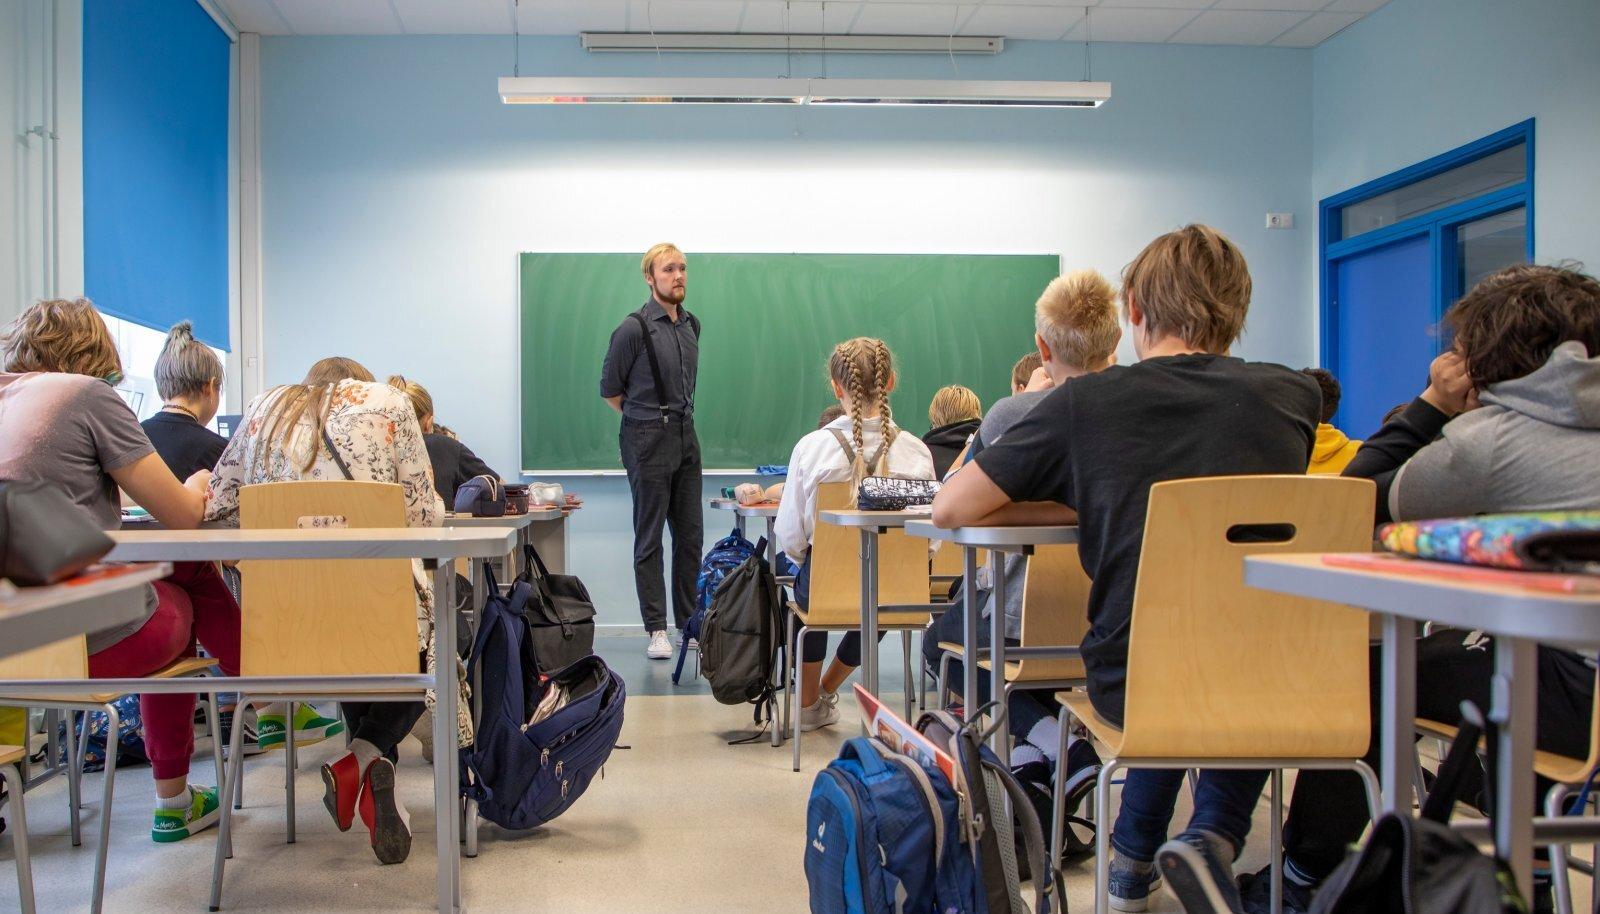 Tänane palgakasvu tempo ei ole suutnud motiveerida piisavalt palju noori õpetajaks õppima. Foto on loo juures illustratiivne.